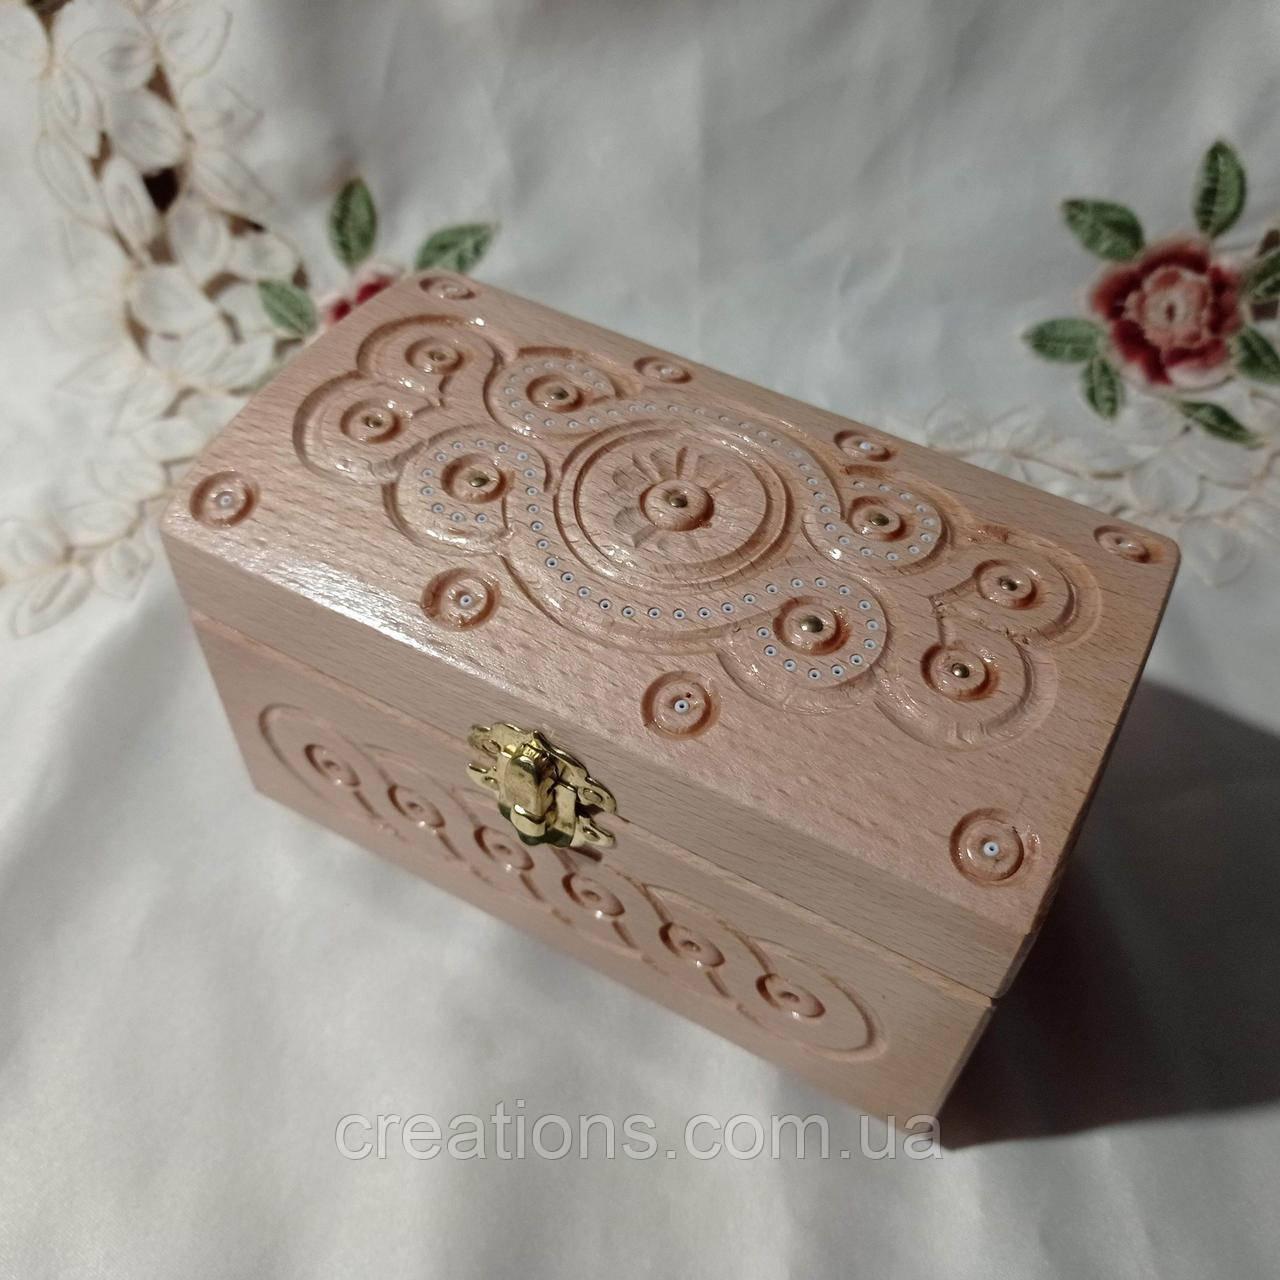 Резная шкатулка - сундучок 16х9х11 см. для украшений из дерева, ручная работа